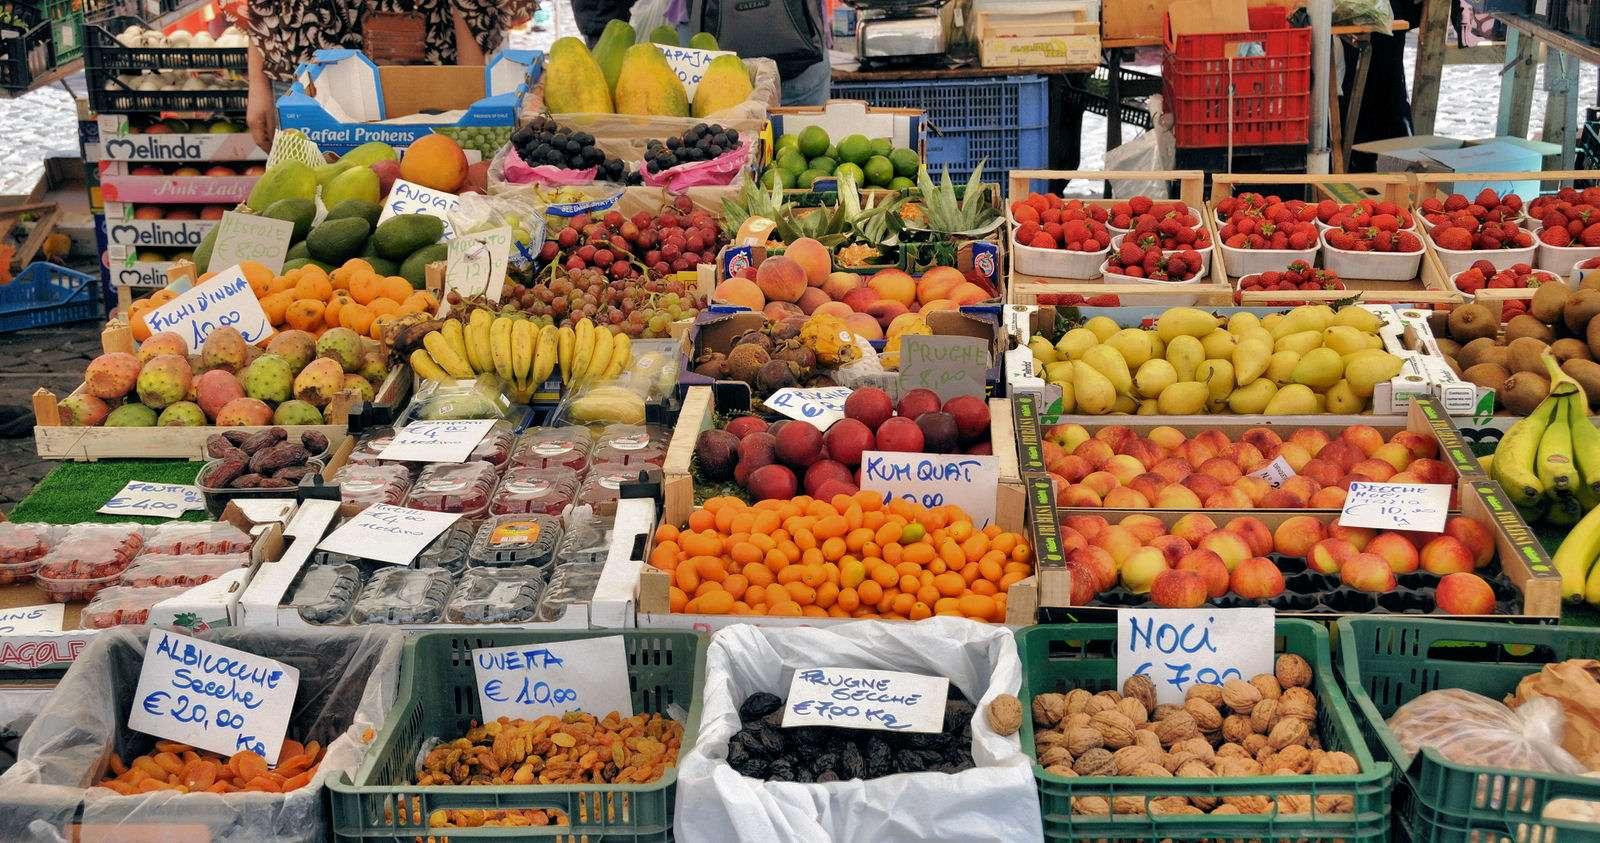 Du finder også lokale markedsdage i Lazio